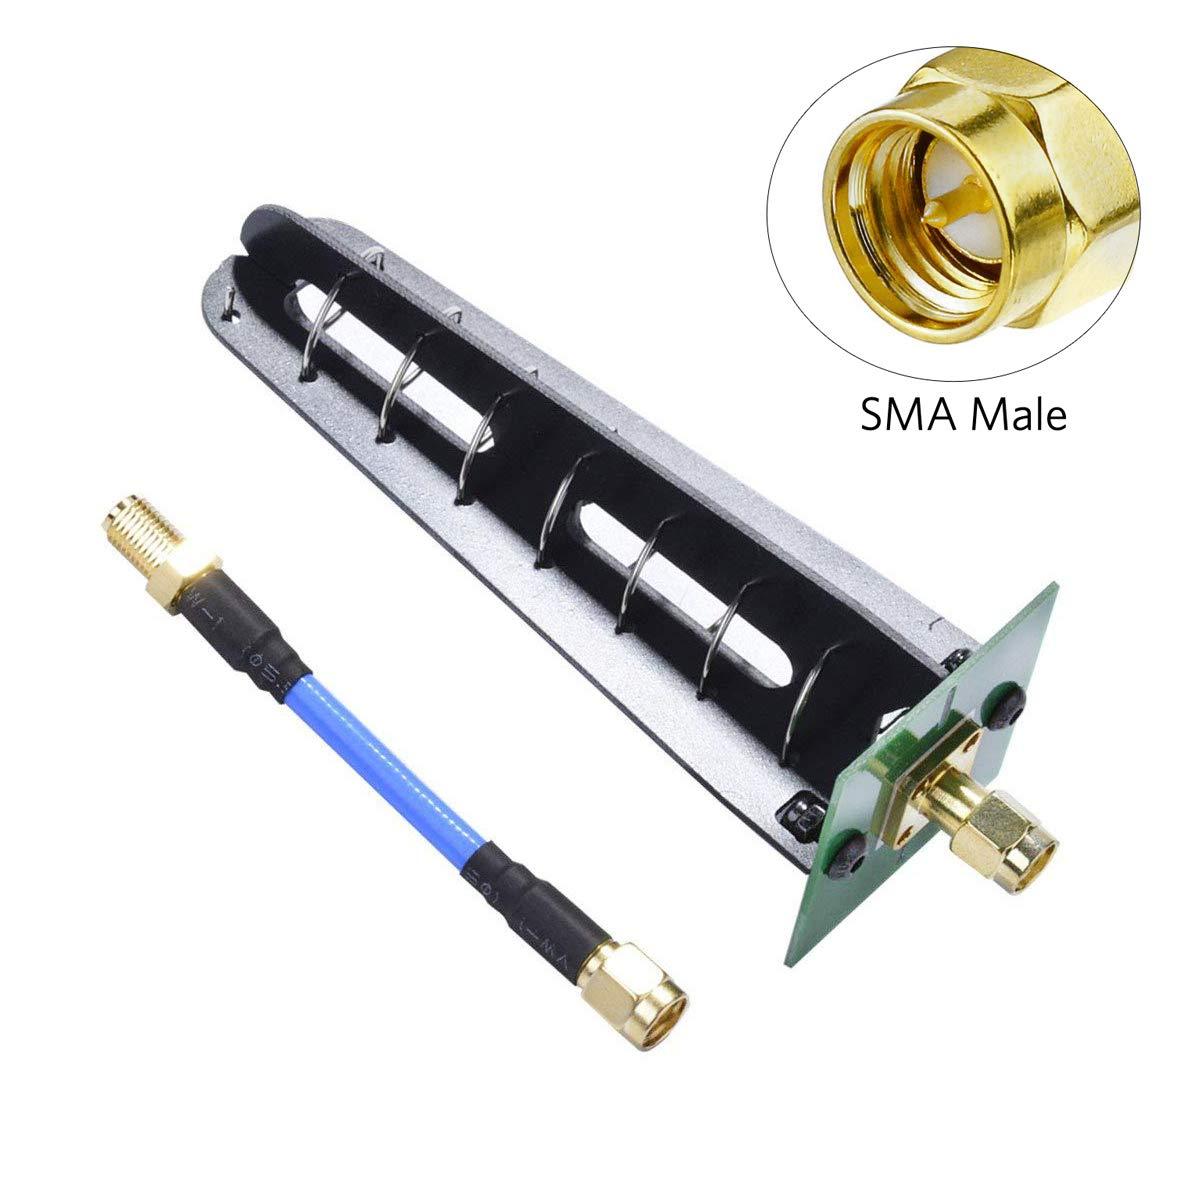 Crazepony FPV Antena 5.8G 11dbi SMA Macho Circular RHCP Polarización Aomway Helicoidal VTX Drone Antena con SMA Macho a